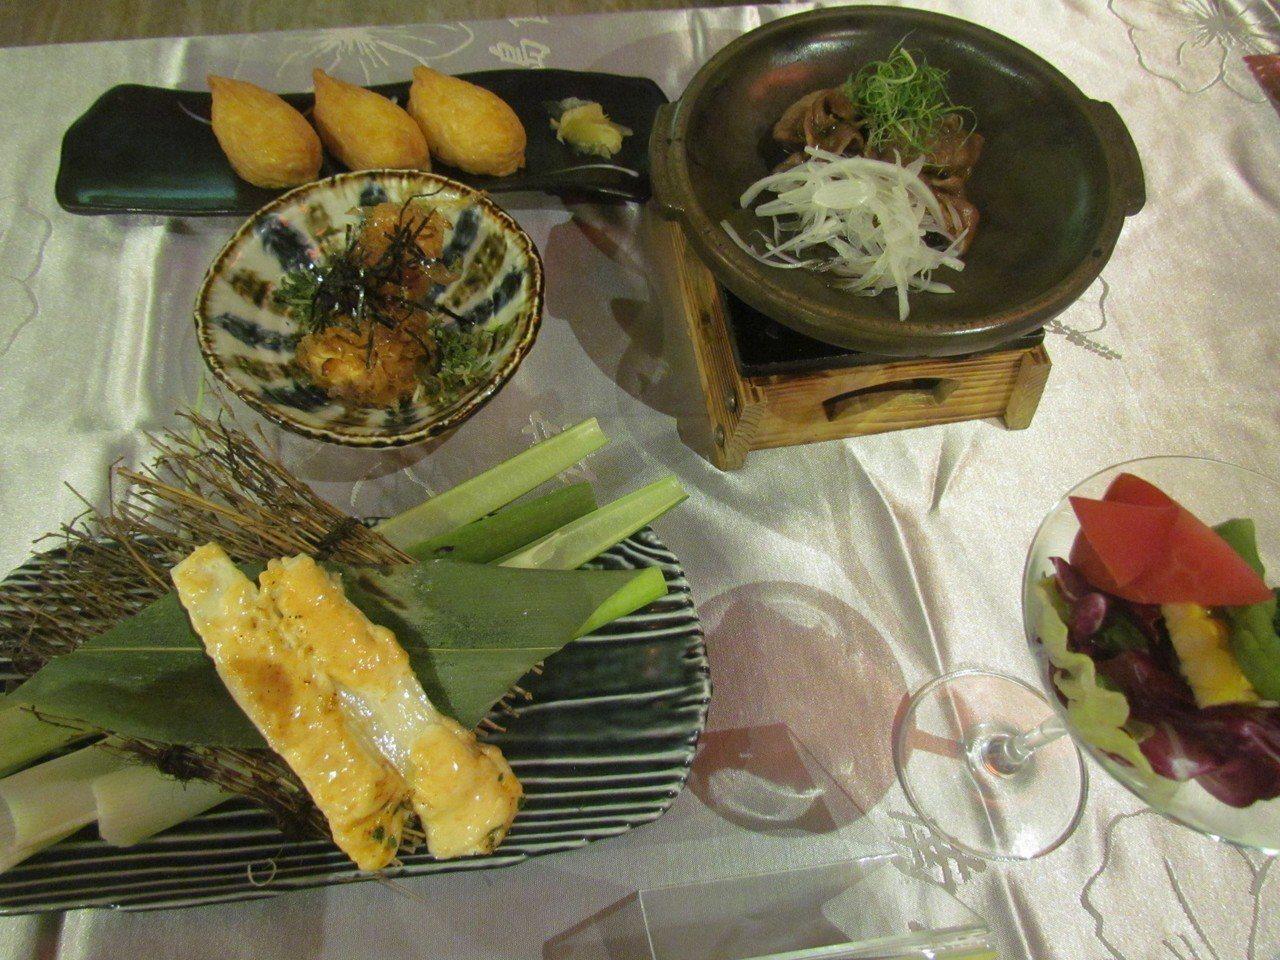 民宿特色早餐使用在地當令的食材,可讓遊客吃出幸福感。記者張家樂/攝影